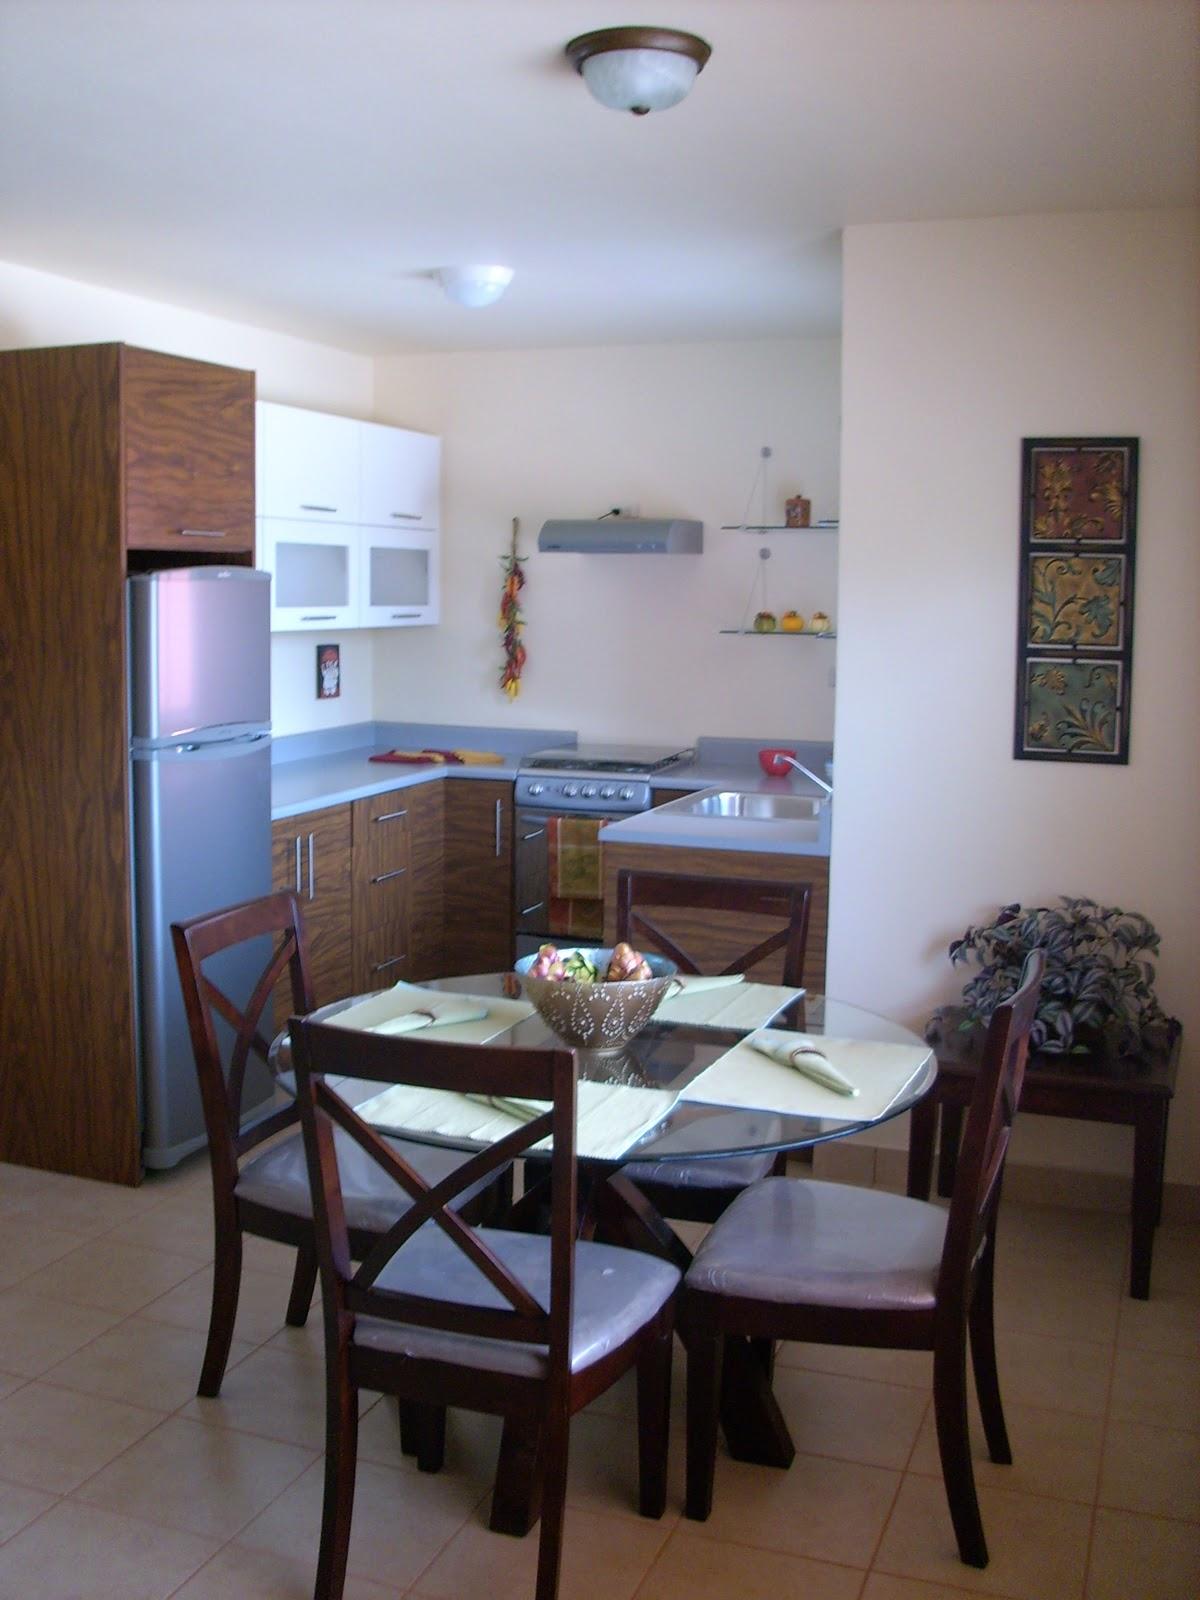 Departamentos la joya sala comedor cocina for Modelos de sala comedor